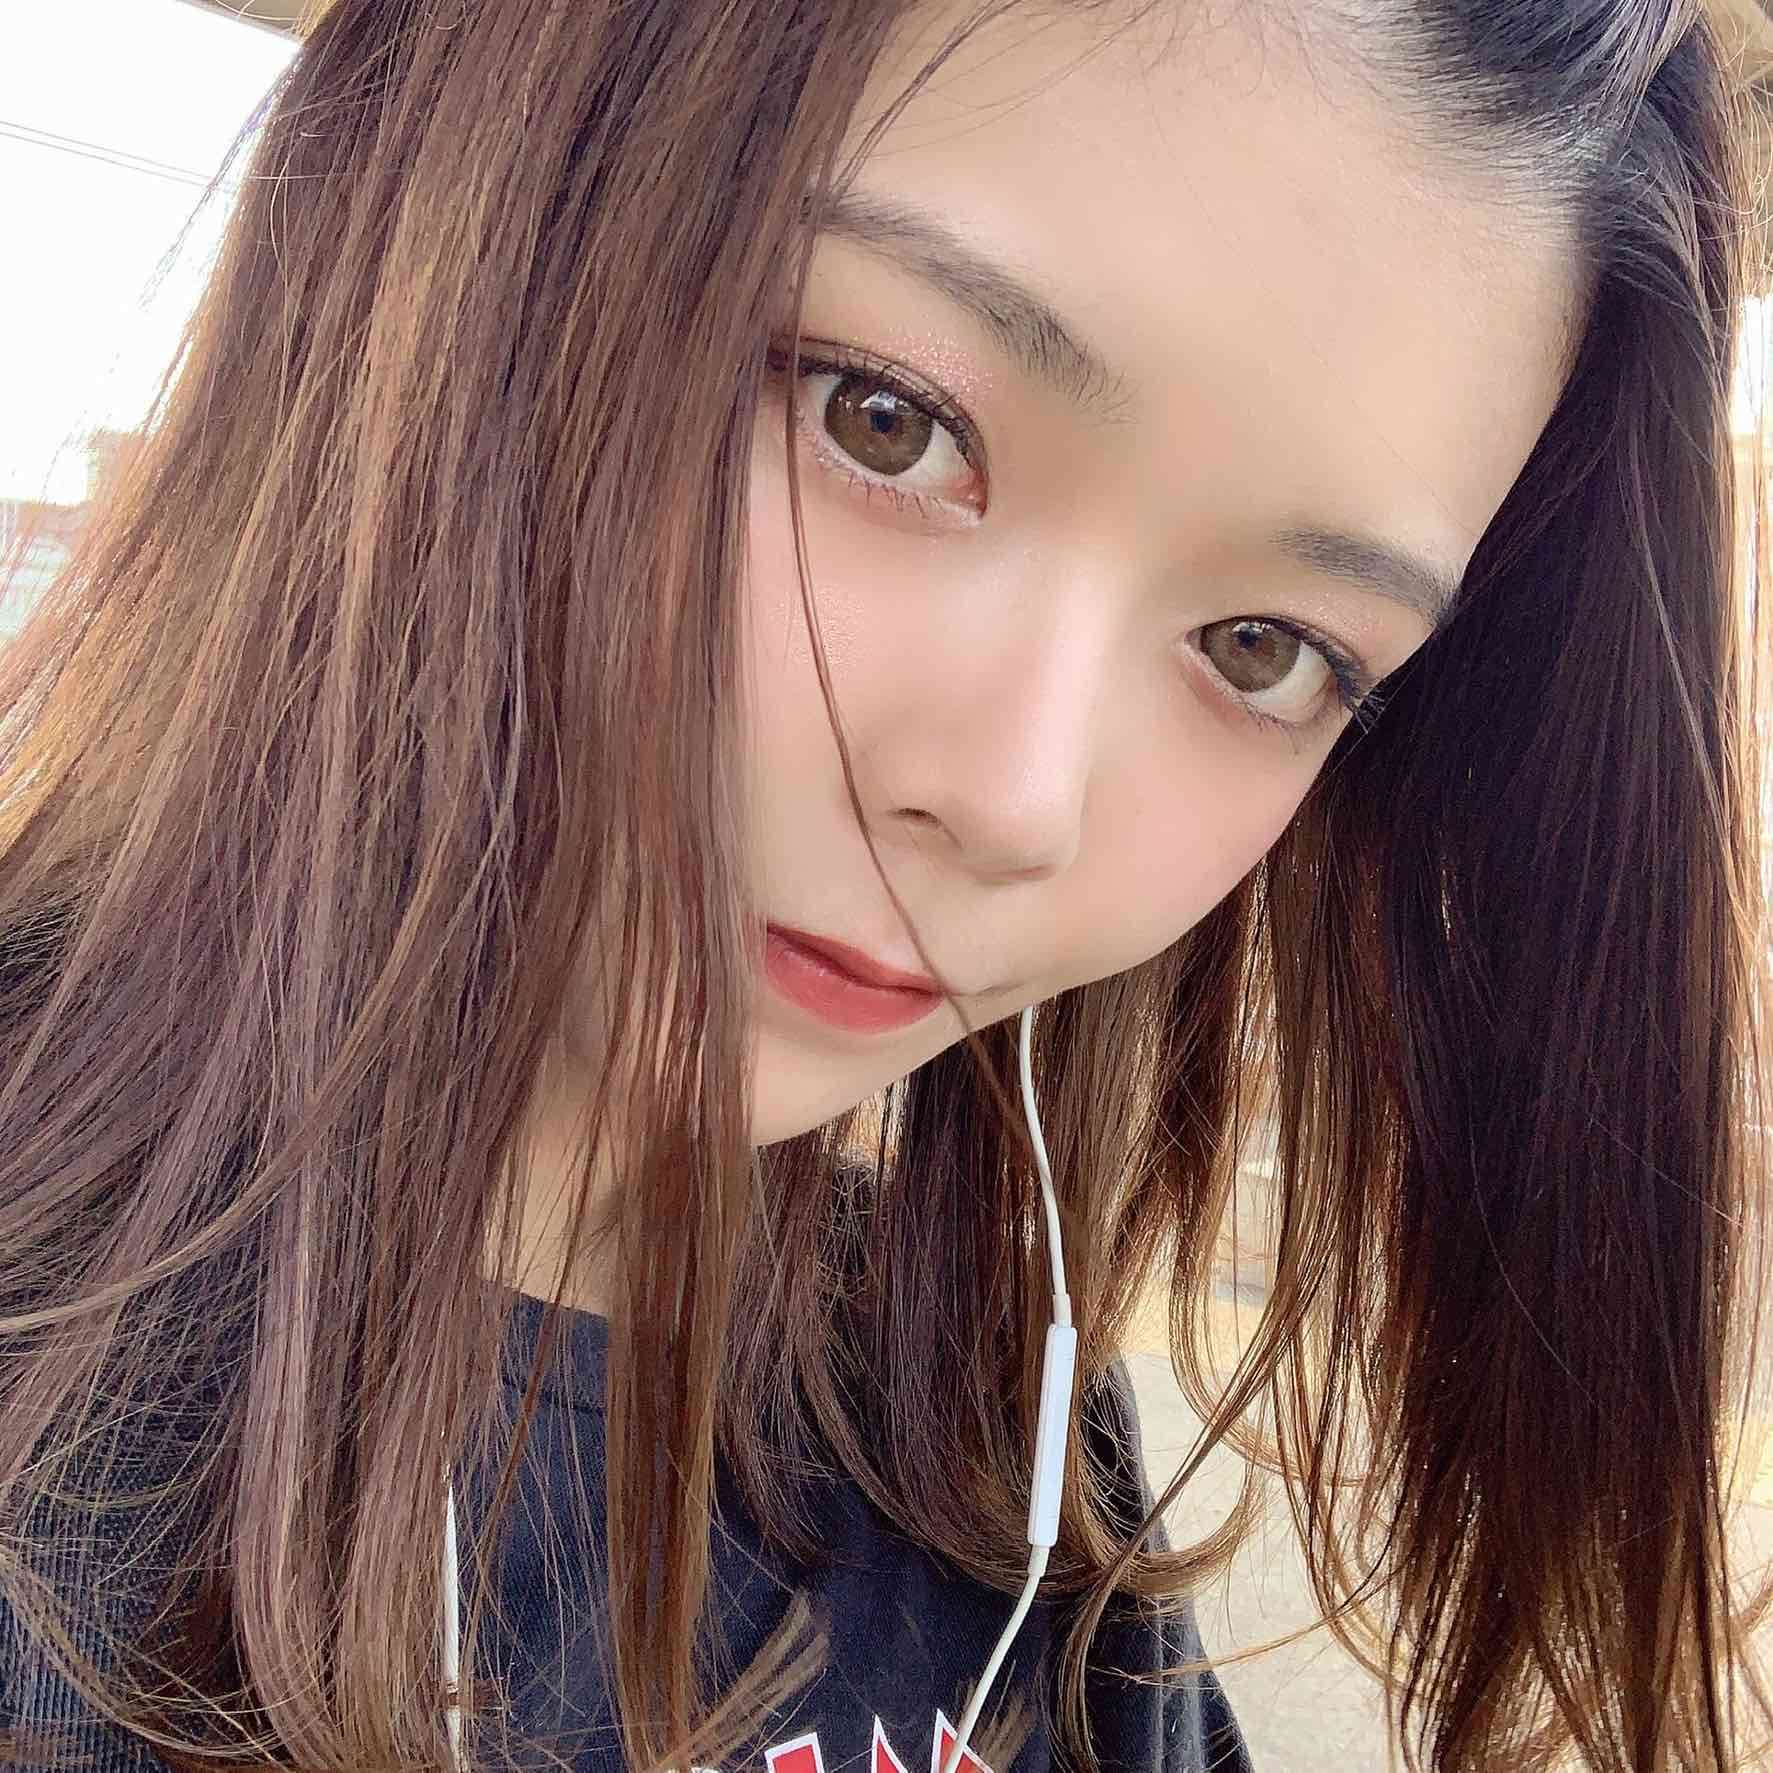 うさこたん@team萌夏のプロフィール画像